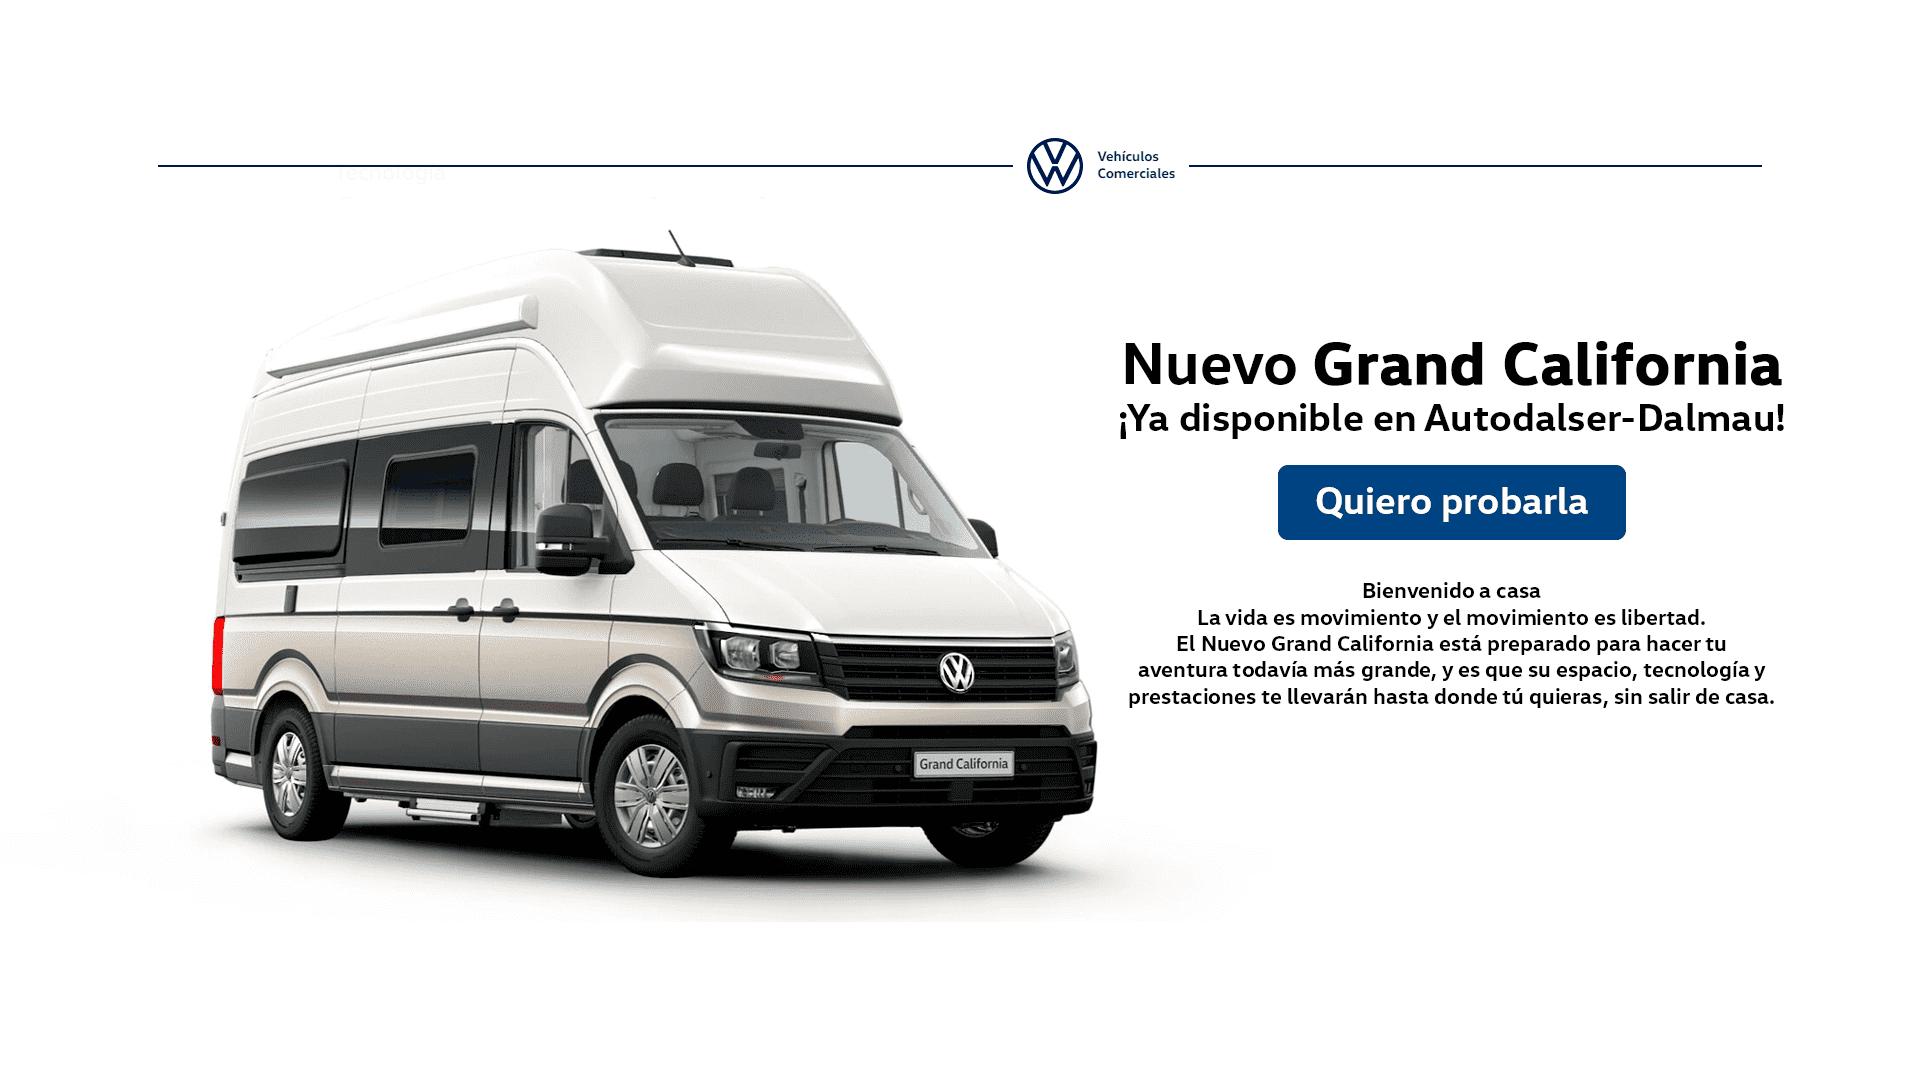 Concesionario Oficial VW Comerciales Lleida, Tàrrega y